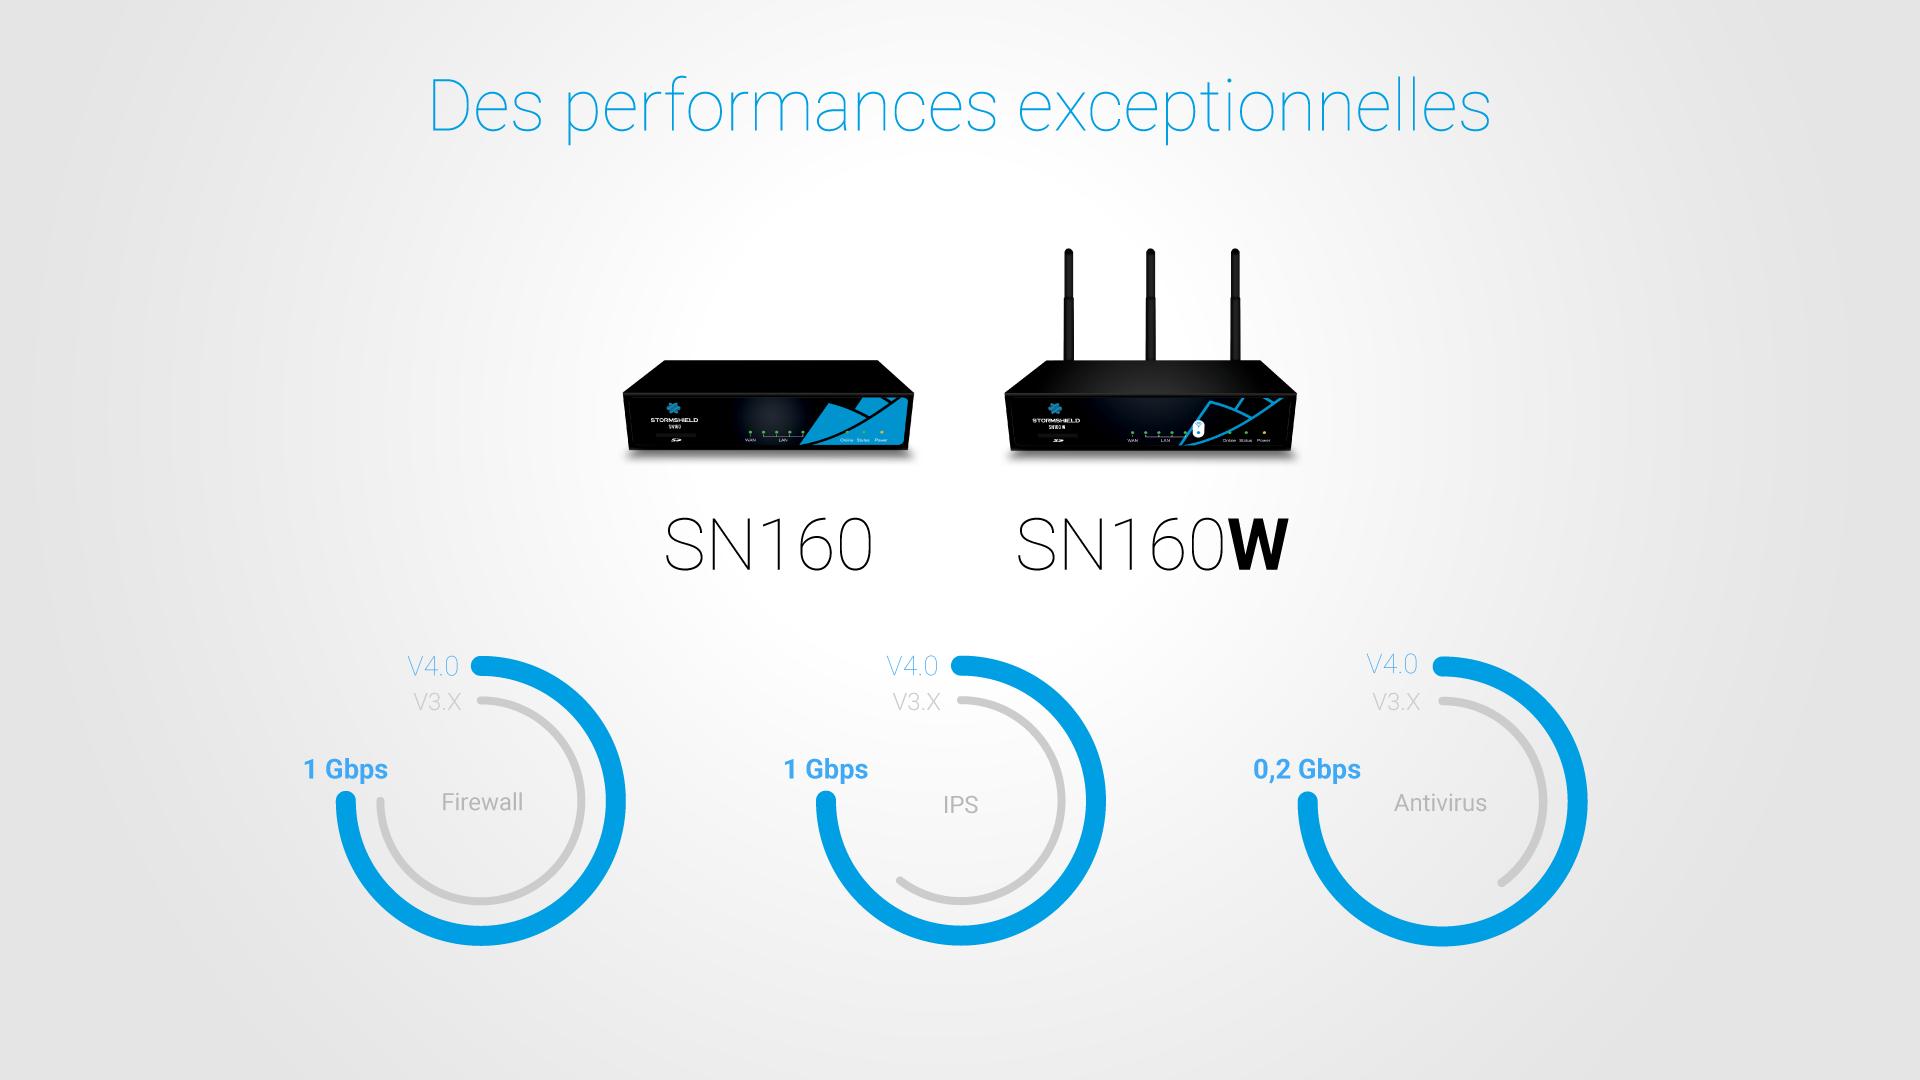 SNS V4.0 : des performances exceptionnelles Firewall, IPS et Antivirus pour le SN160 et SN160w